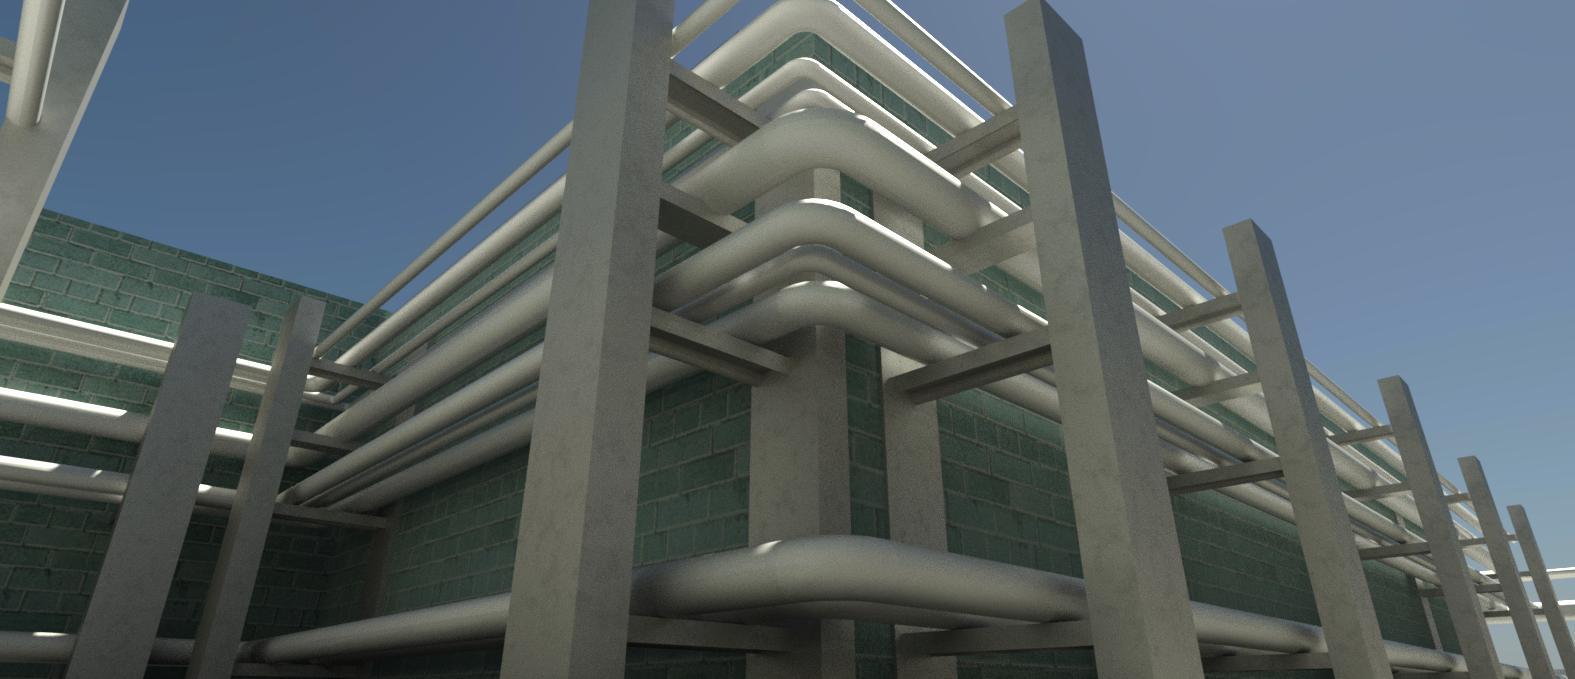 مدل- پایپینگ- موتورخانه- ساختمان -گمرک